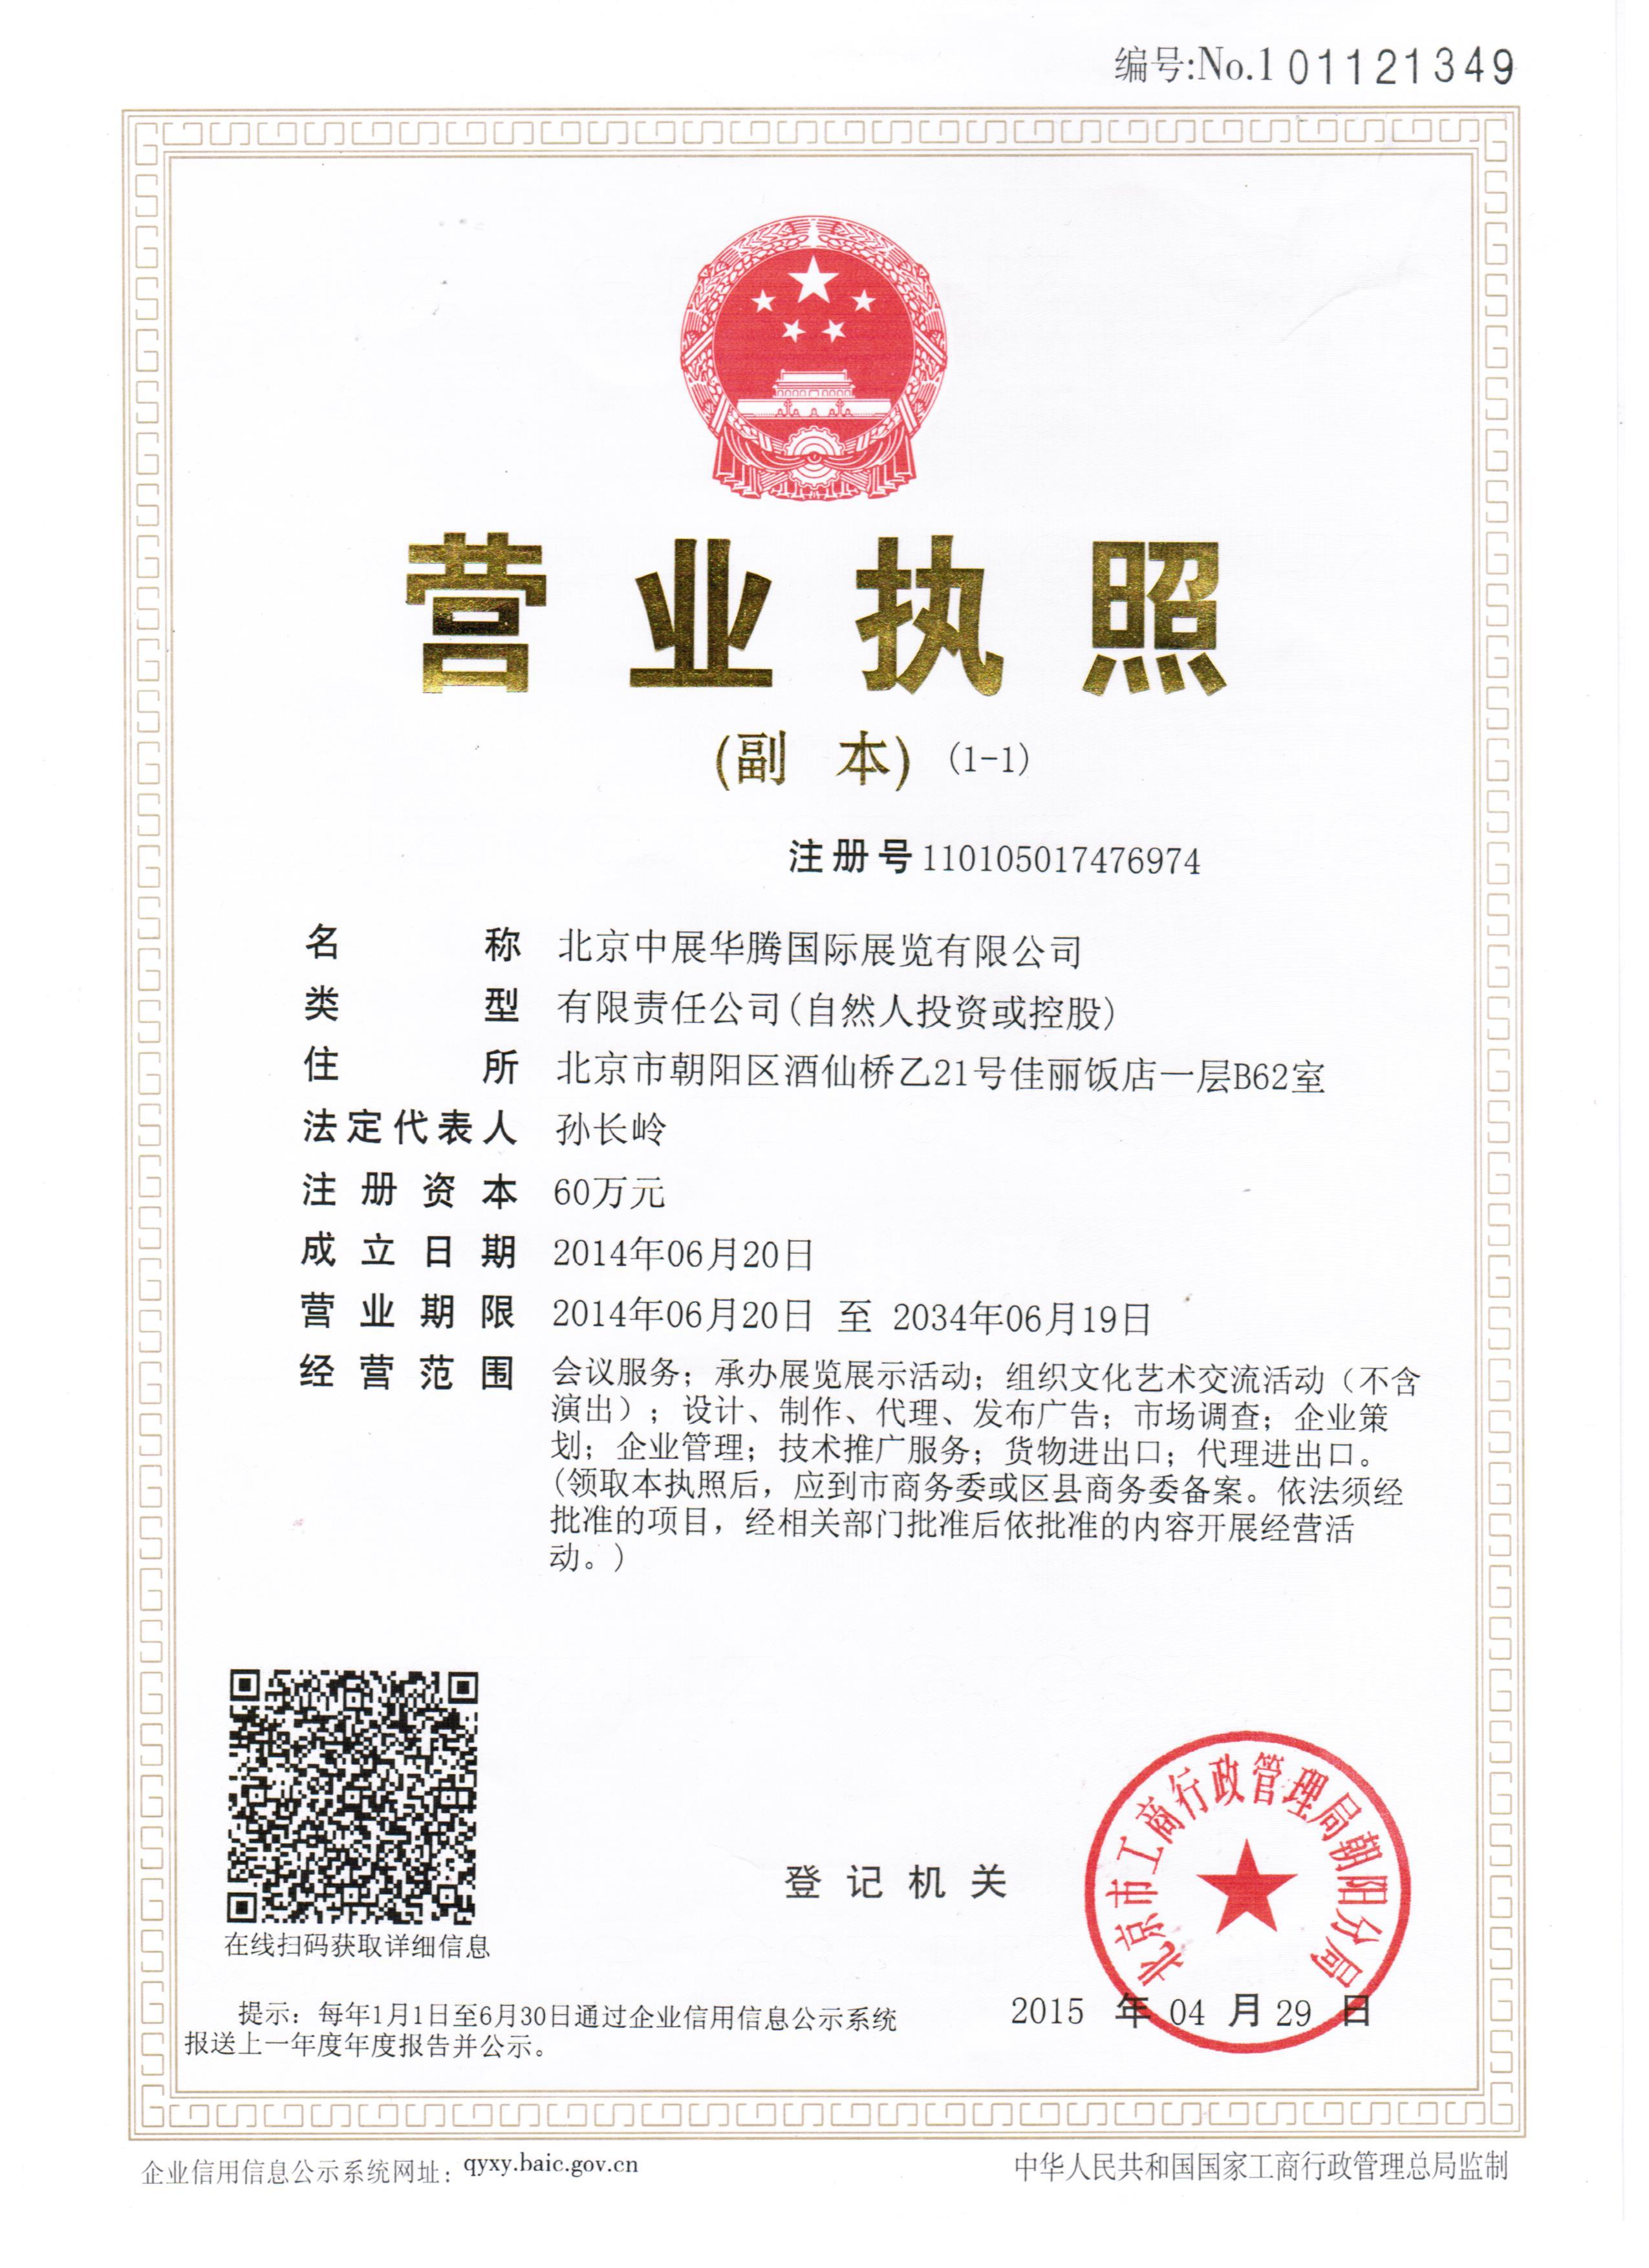 北京中展华腾国际展览有限公司